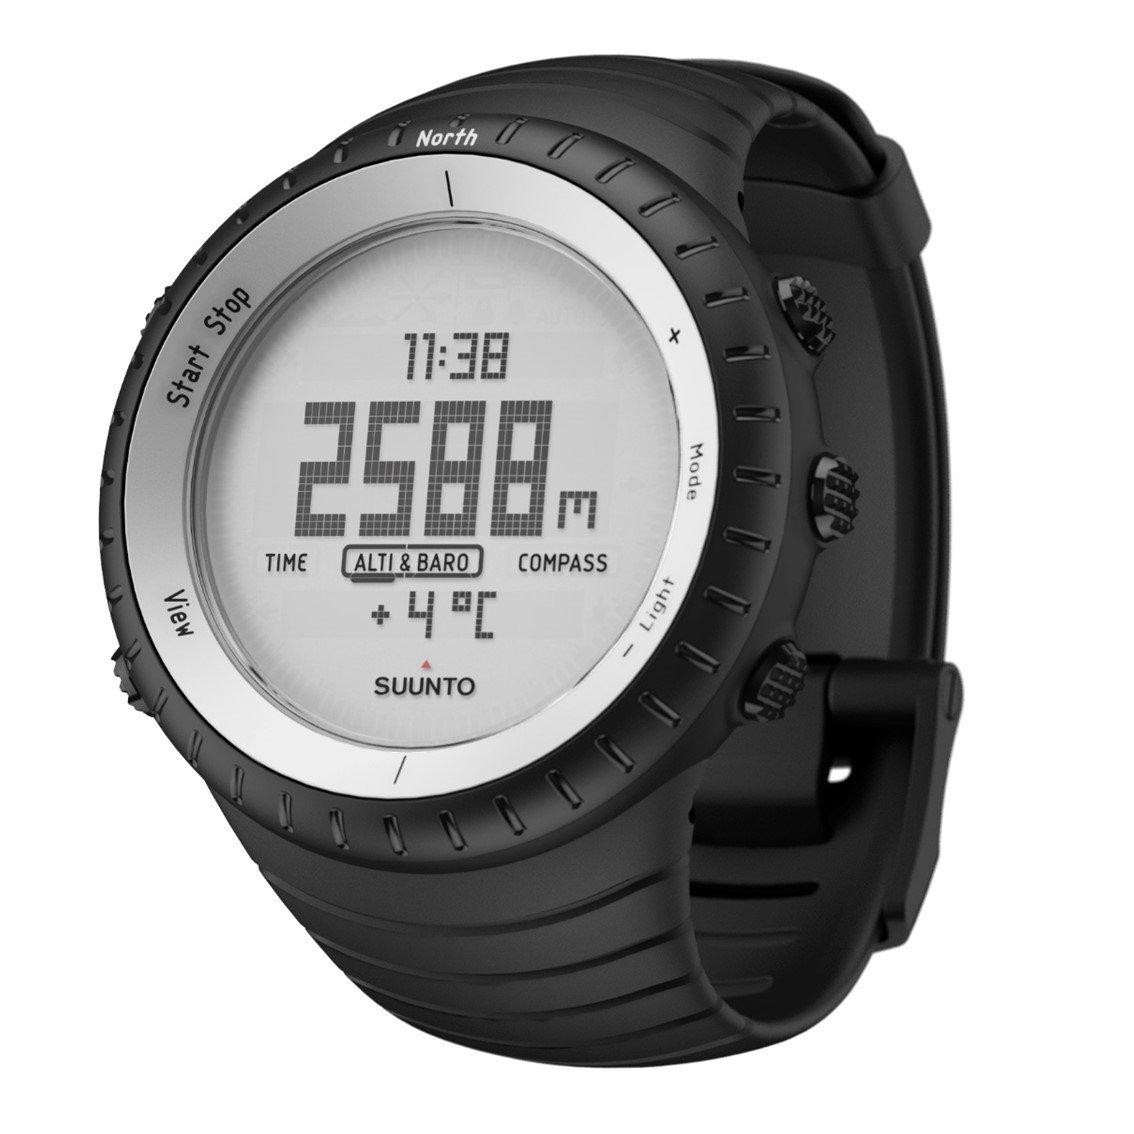 スント(SUUNTO) 腕時計 コア 3気圧防水 方位/高度/気圧/水深 [日本正規品 メーカー保証2年] B004UHGIKU グレイシャーグレー グレイシャーグレー